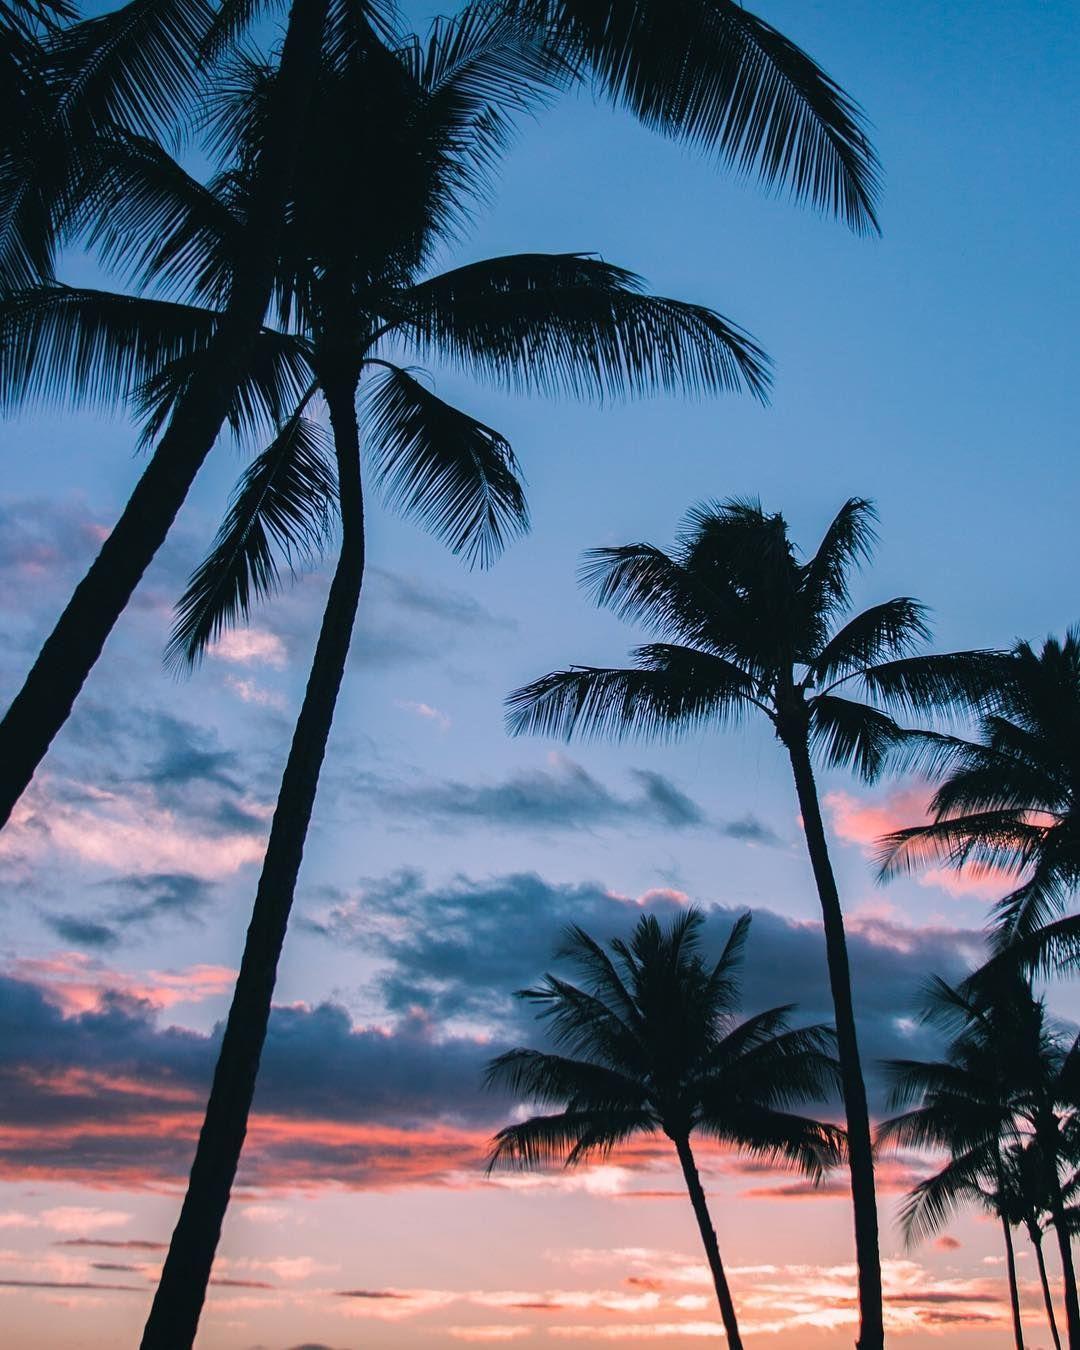 Palm Trees In Hawaii Fotografi Alam Pemandangan Abstrak Foto Alam